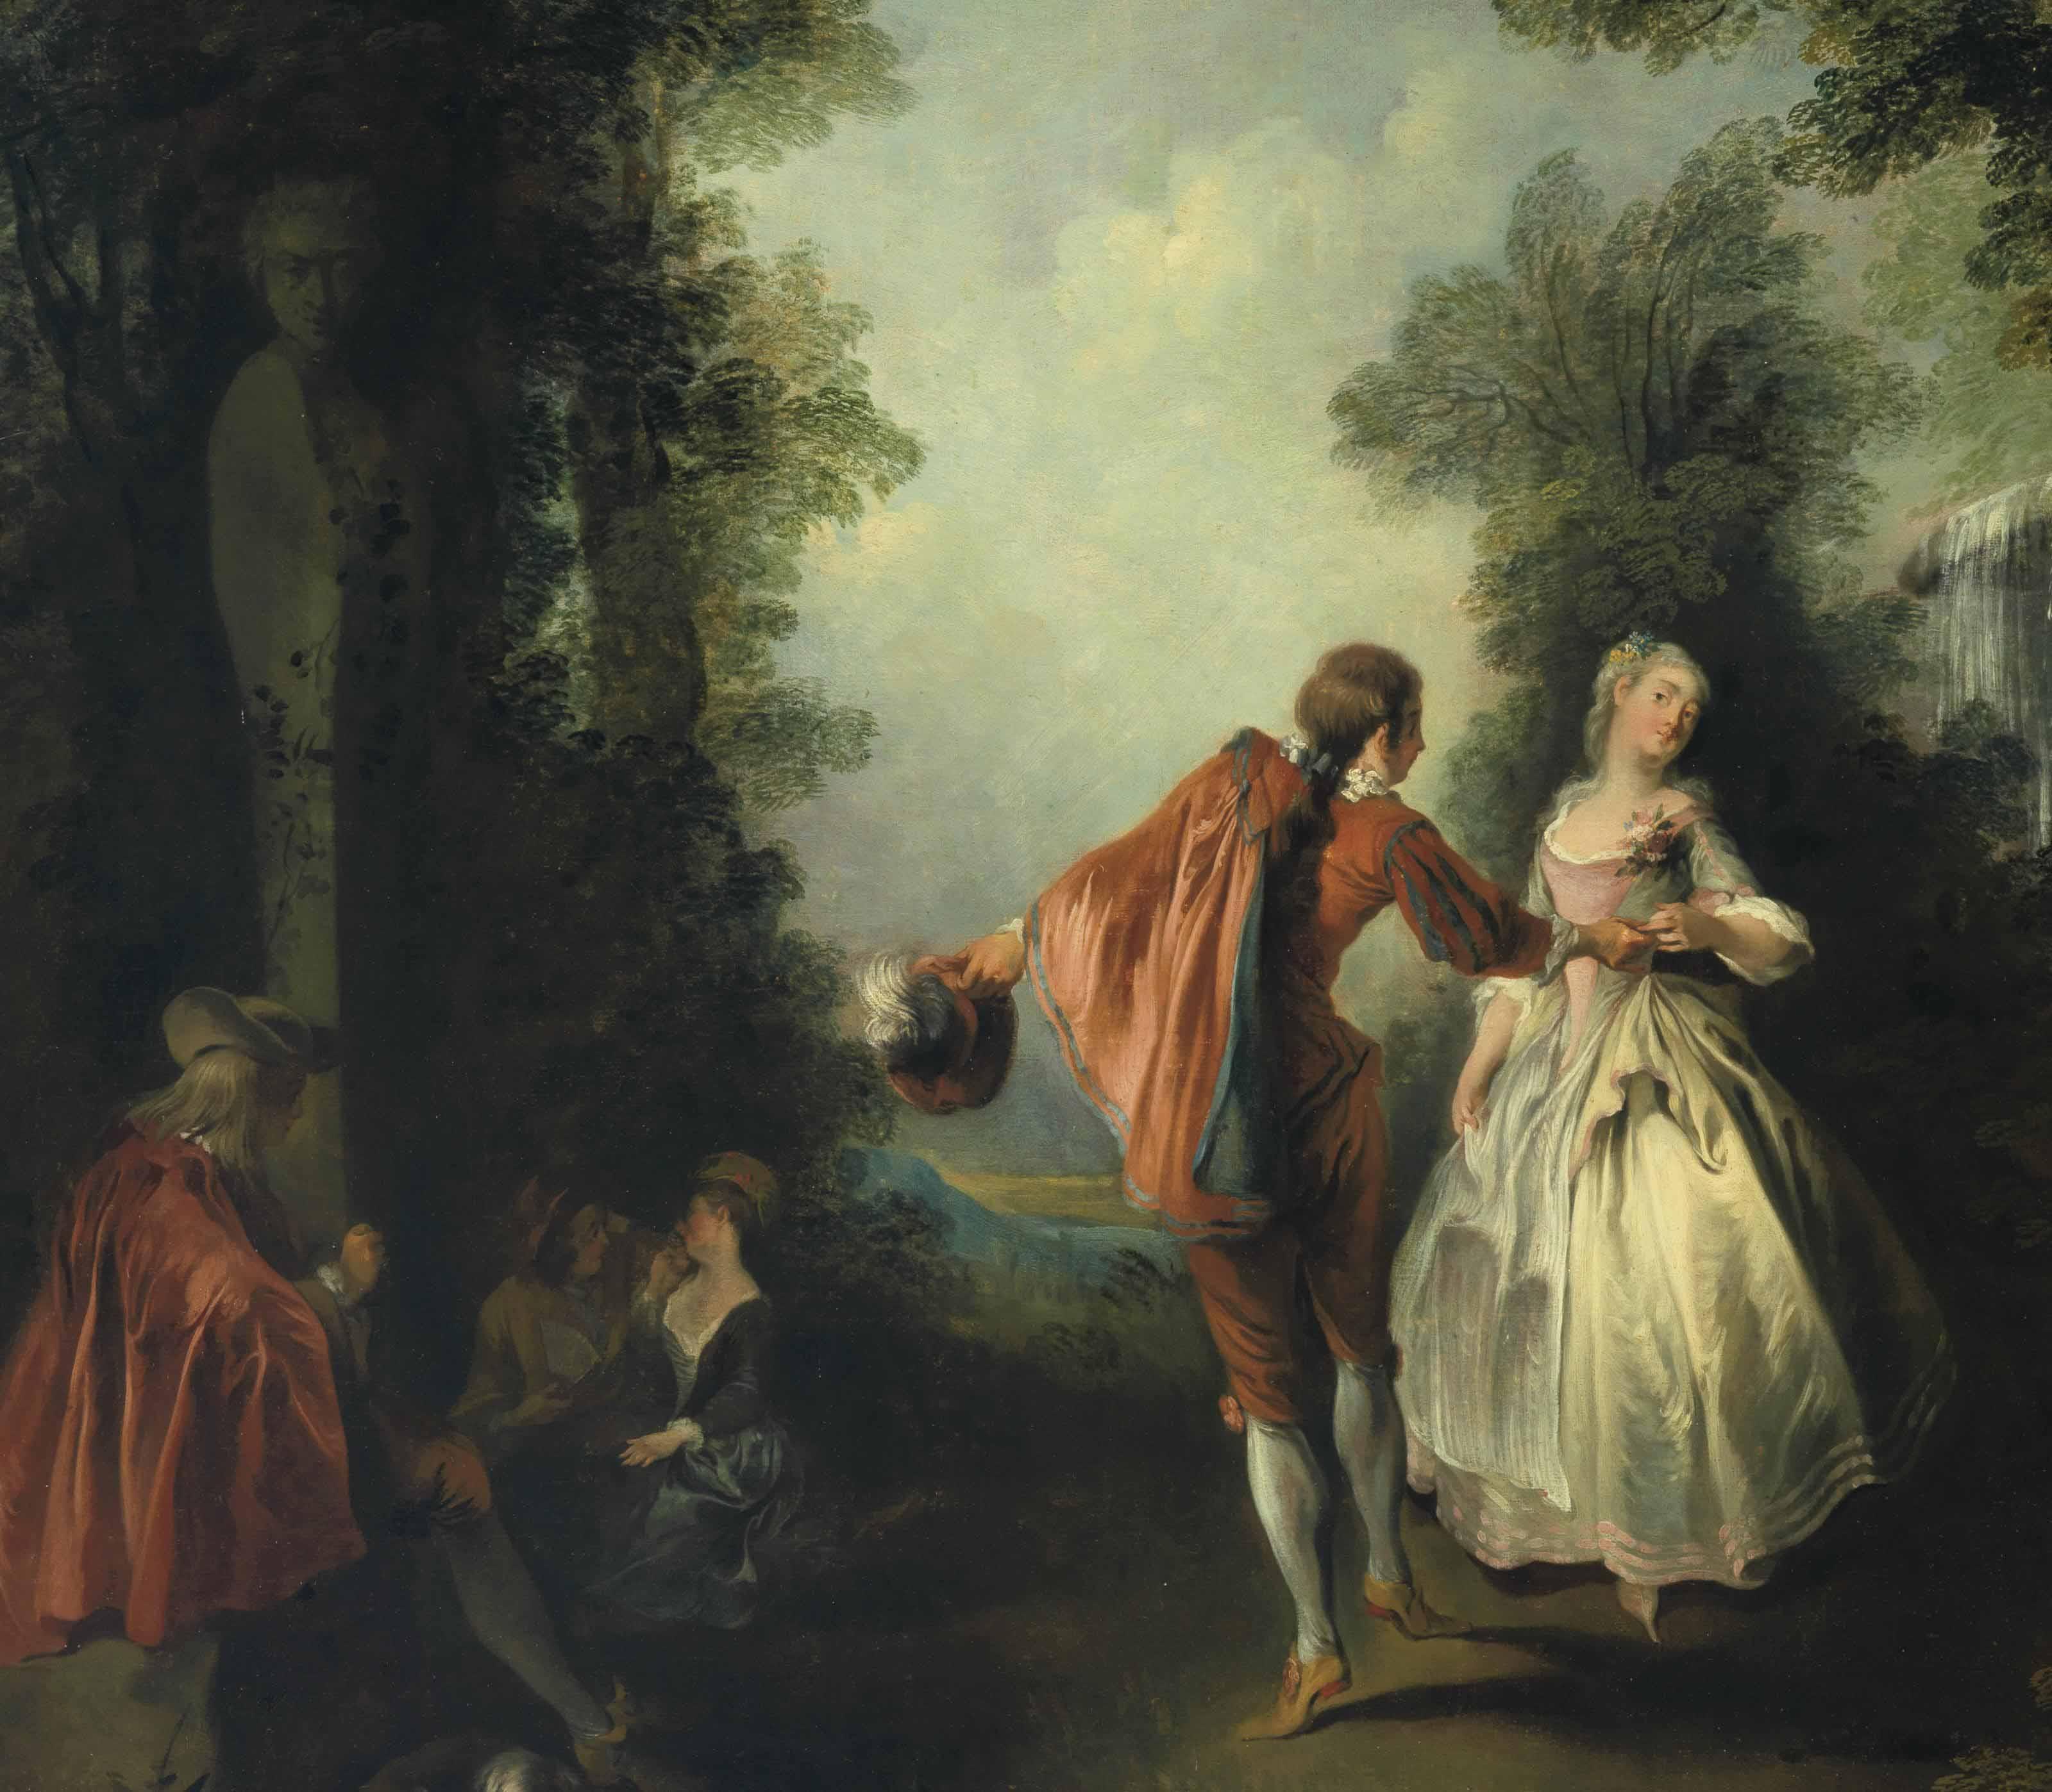 Elegant figures dancing in a wooded landscape